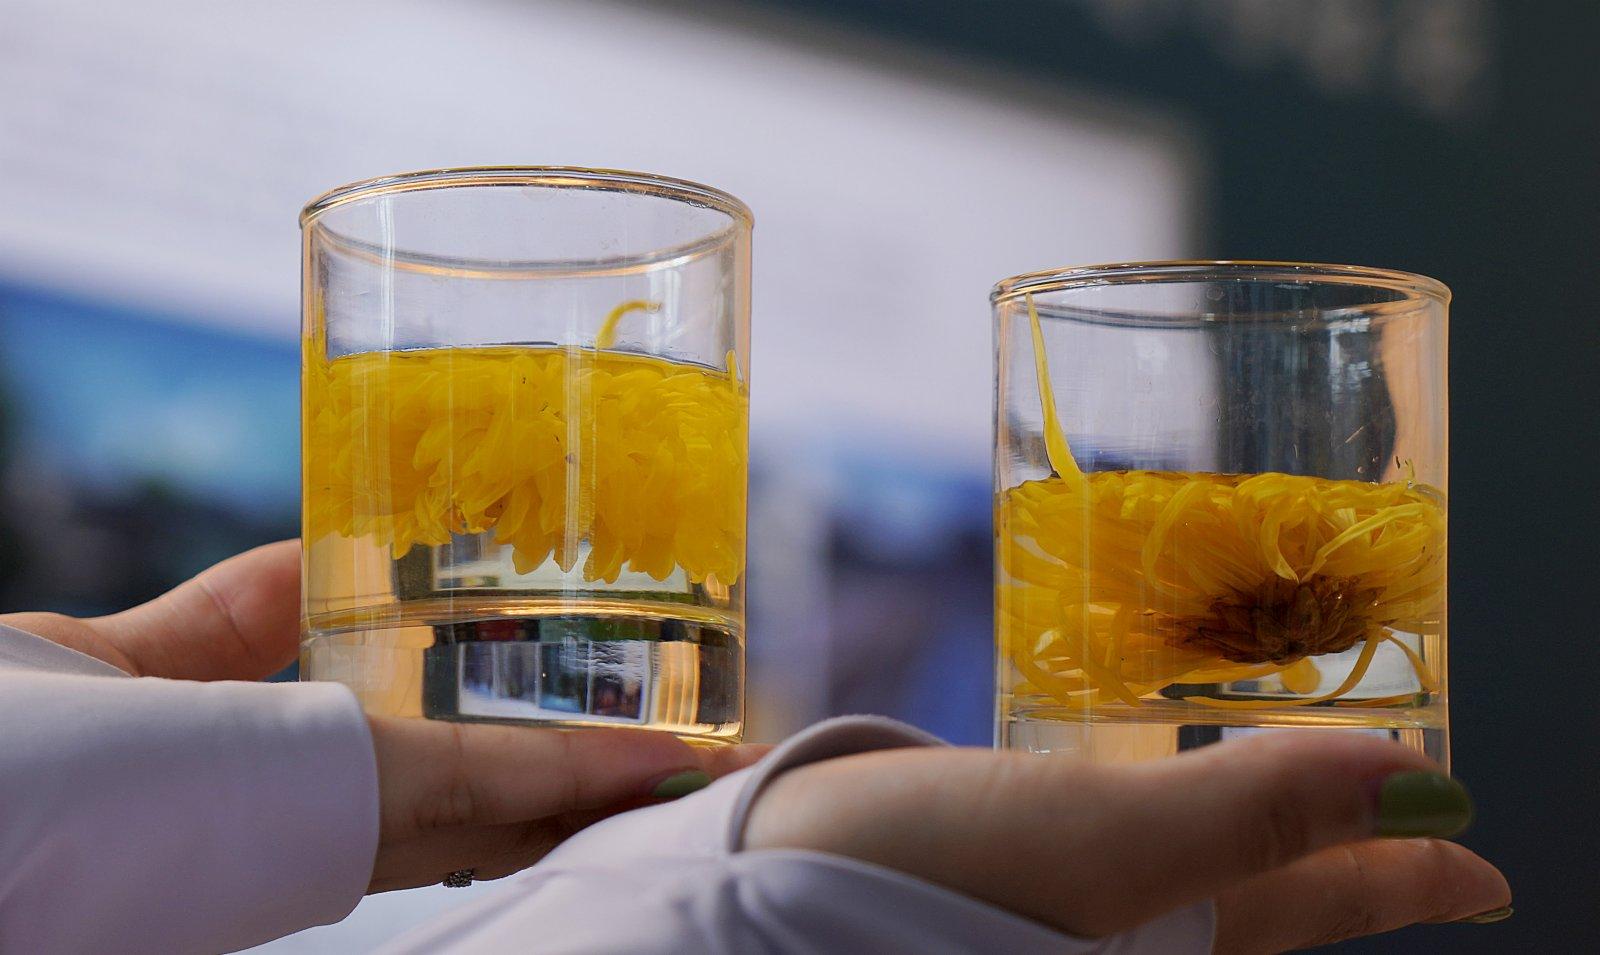 9月3日,工作人員在服貿會首鋼園展區「中國天然氧吧國際旅遊節」展位展示由來自江西浮梁的菊花泡製的茶。(新華社)